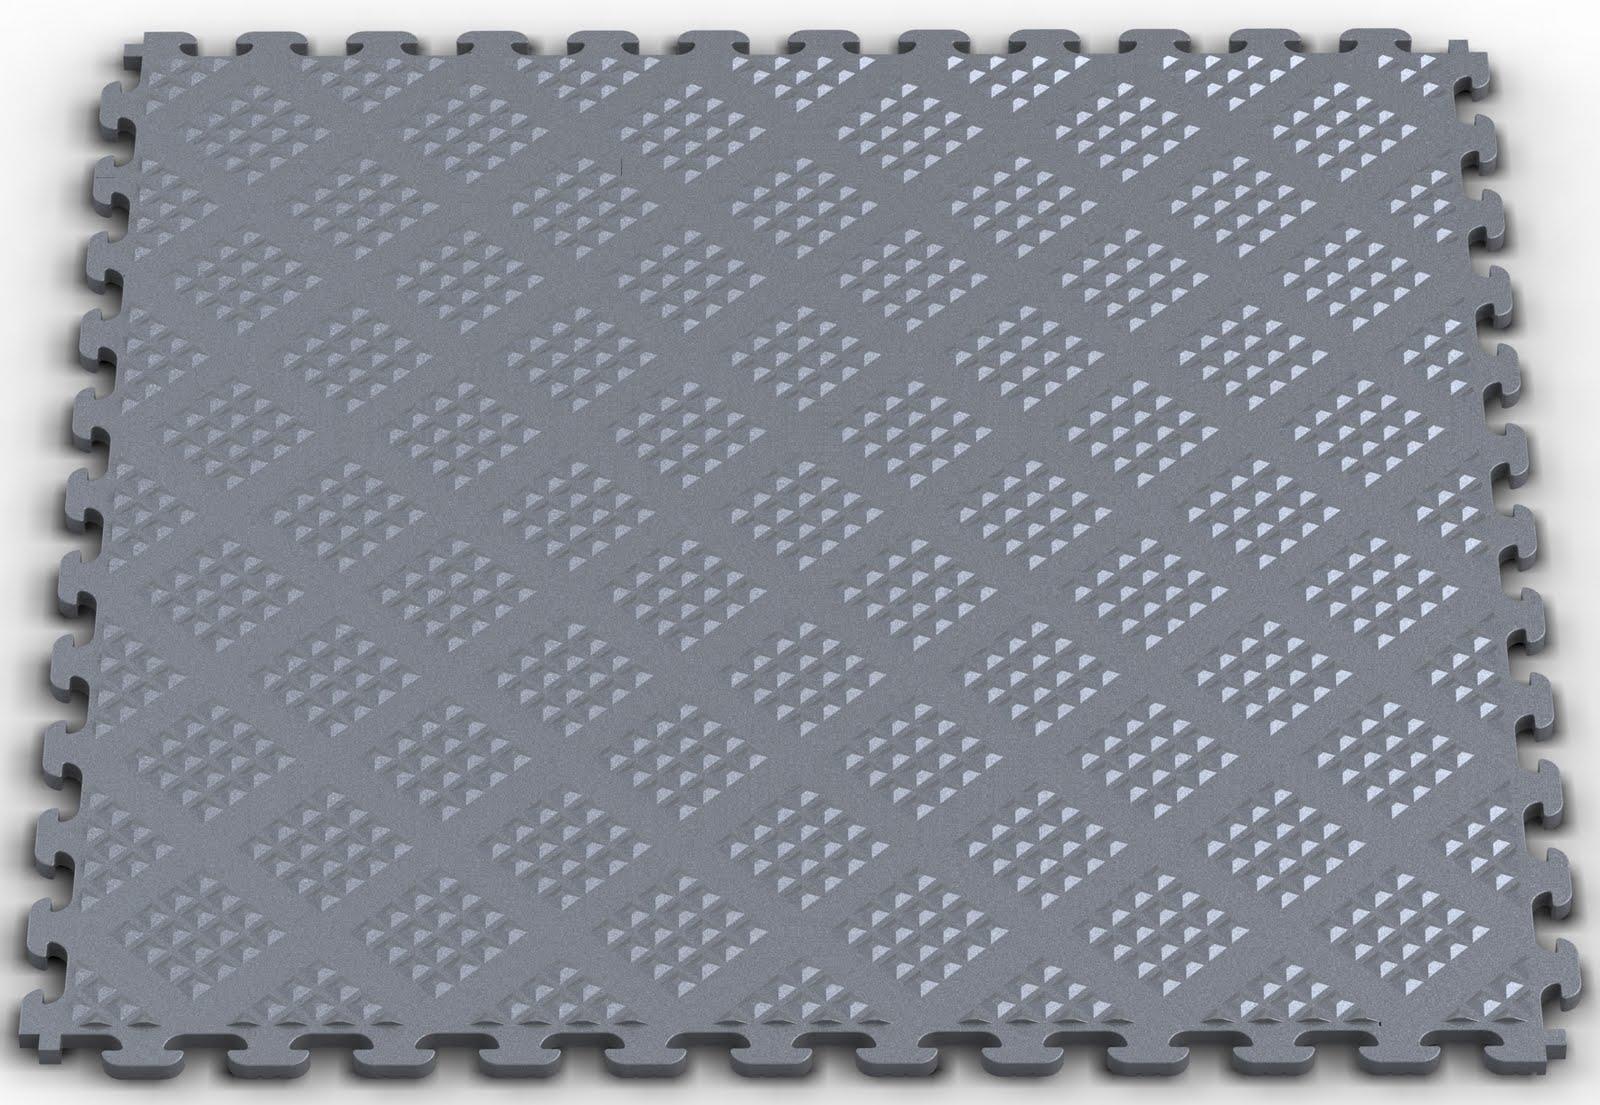 garage floor interlocking tiles. Black Bedroom Furniture Sets. Home Design Ideas